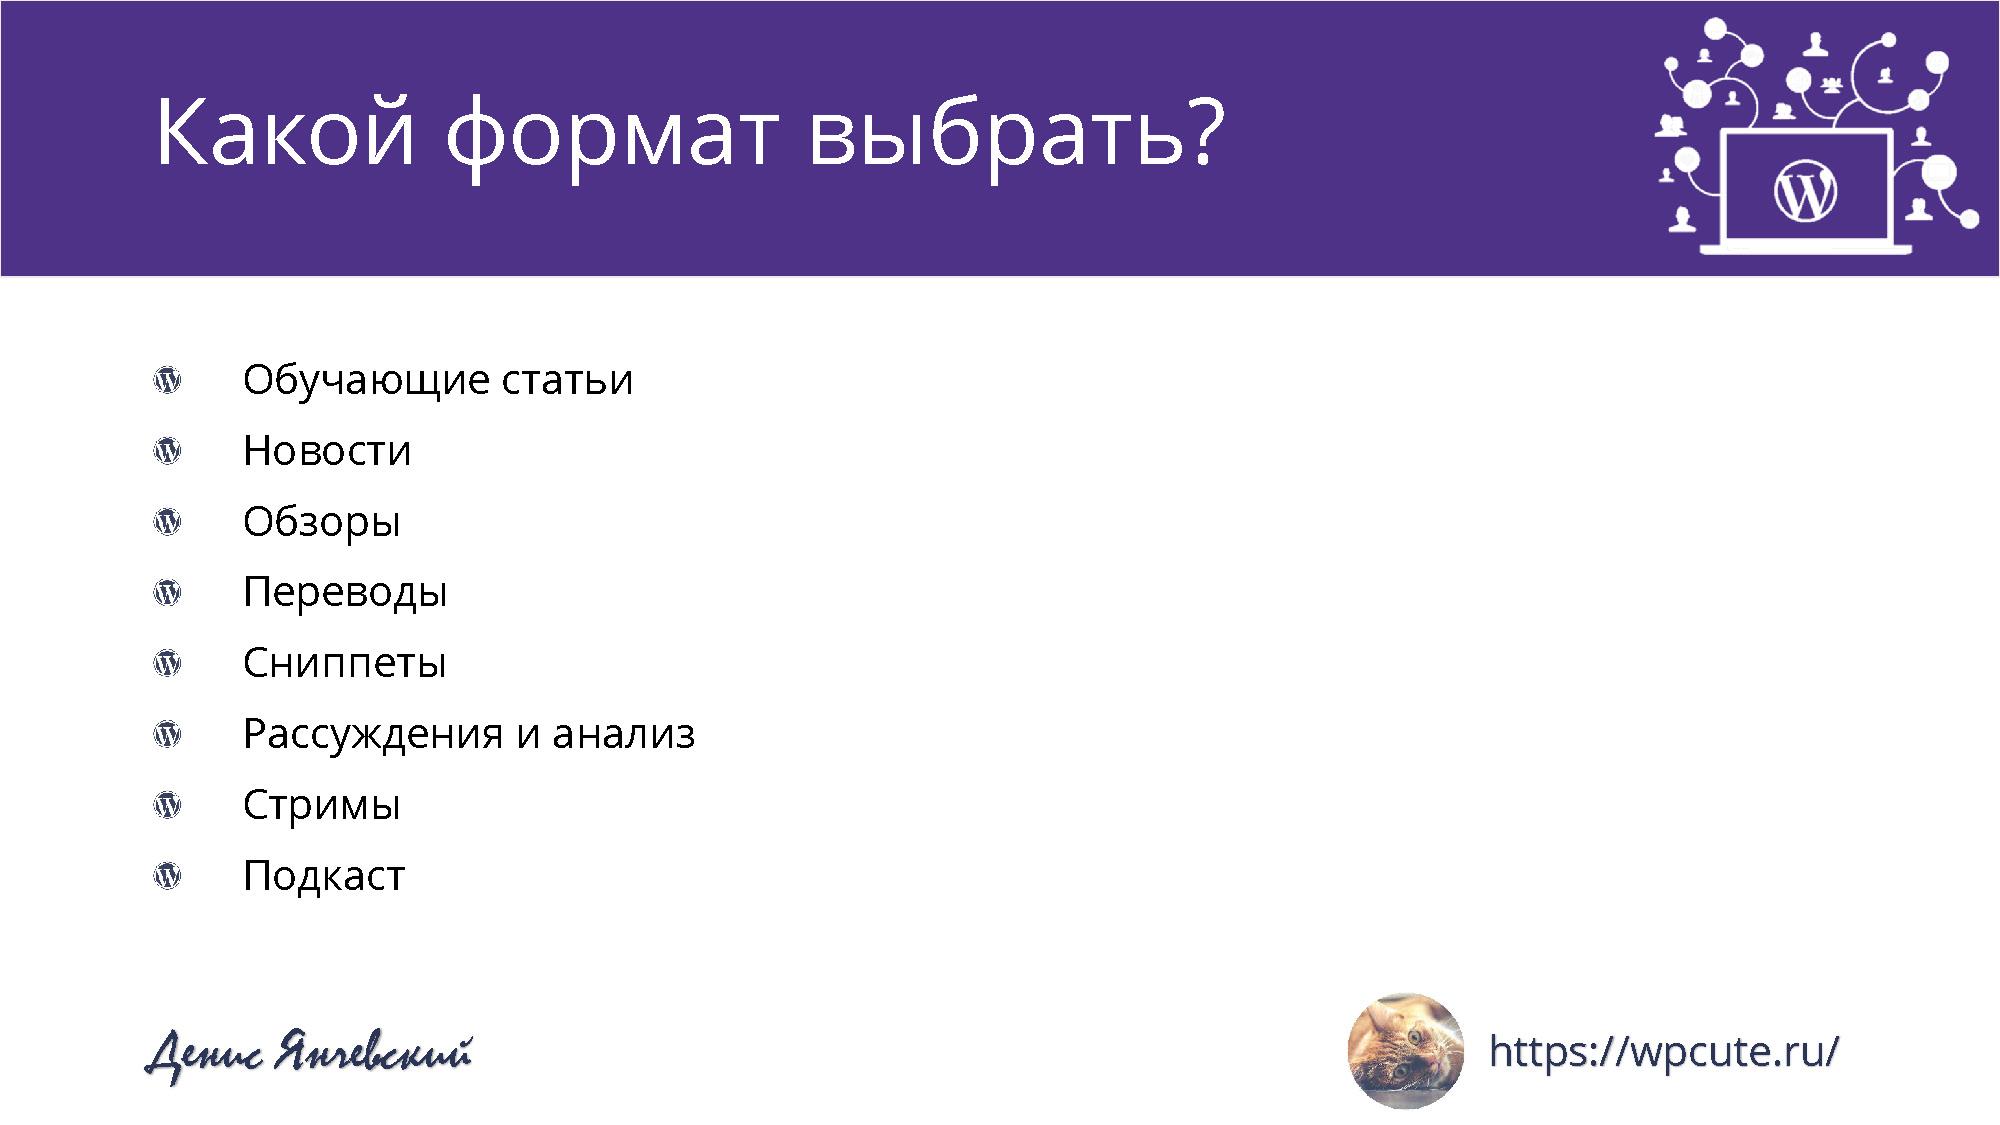 Kak_zavesti_i_dlya_chego_ispolzovat_blog_razrabotchiku__Denis_Yanchevskiy_Страница_07